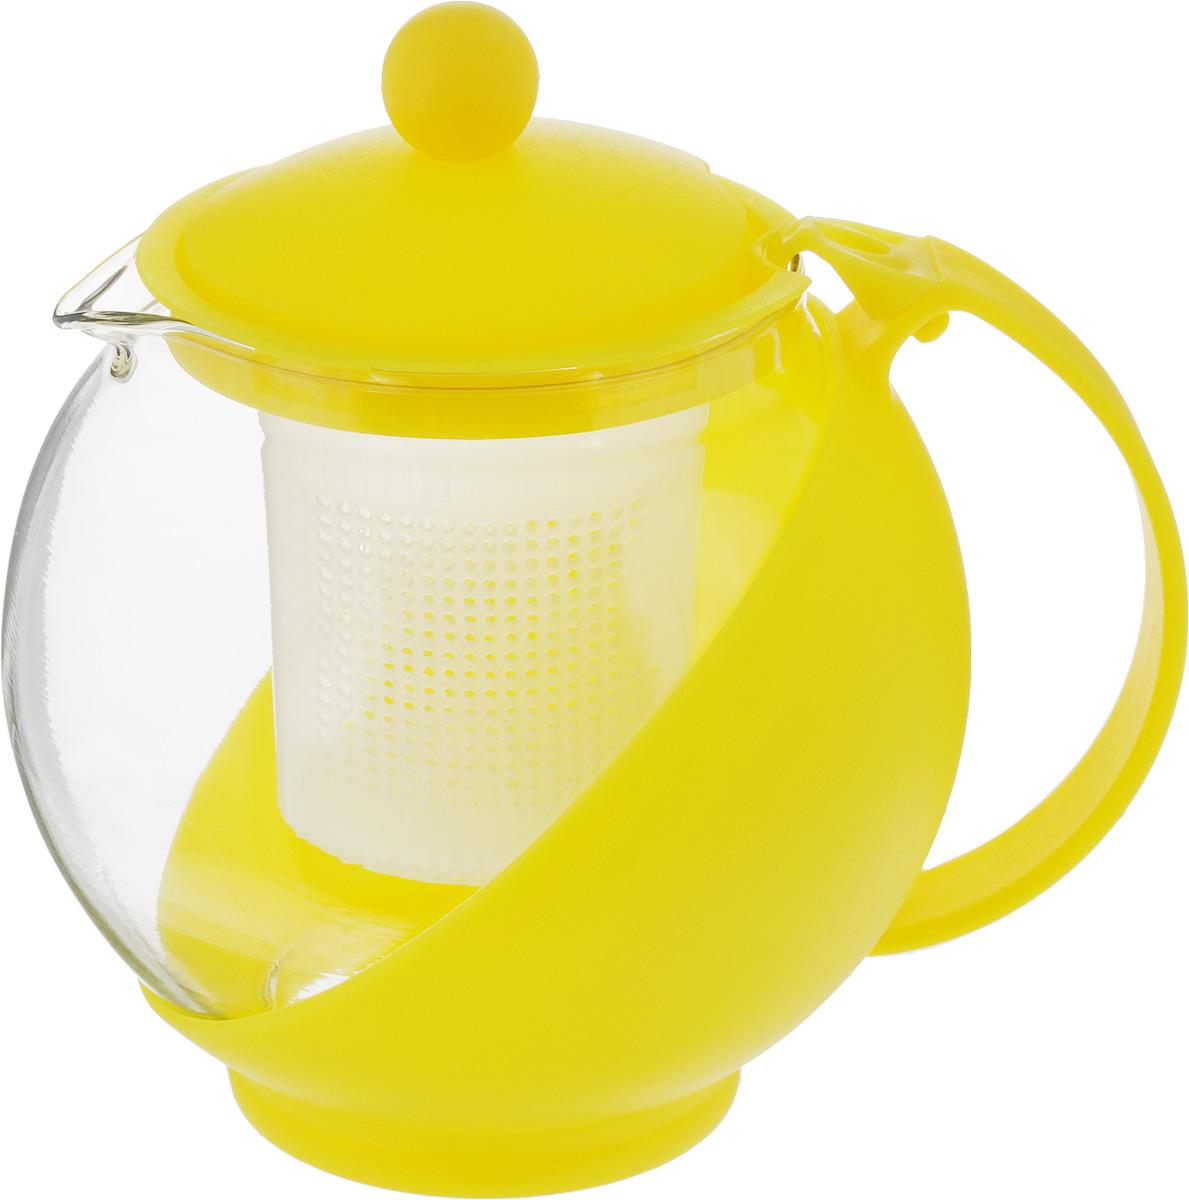 Чайник заварочный Wellberg Aqual, с фильтром, цвет: прозрачный, желтый, 750 мл68/5/3Заварочный чайник Wellberg Aqual изготовлен из высококачественного пищевого пластика и жаропрочного стекла. Чайник имеет пластиковый фильтр и оснащен удобной ручкой. Крышка плотно закрывается, а удобный носик предотвращает проливание жидкости. Чайник прекрасно подойдет для заваривания чая и травяных напитков. Высота чайника (без учета крышки): 11,5 см.Высота чайника (с учетом крышки): 14 см. Диаметр (по верхнему краю): 8 см.Высота фильтра: 6,5 см.